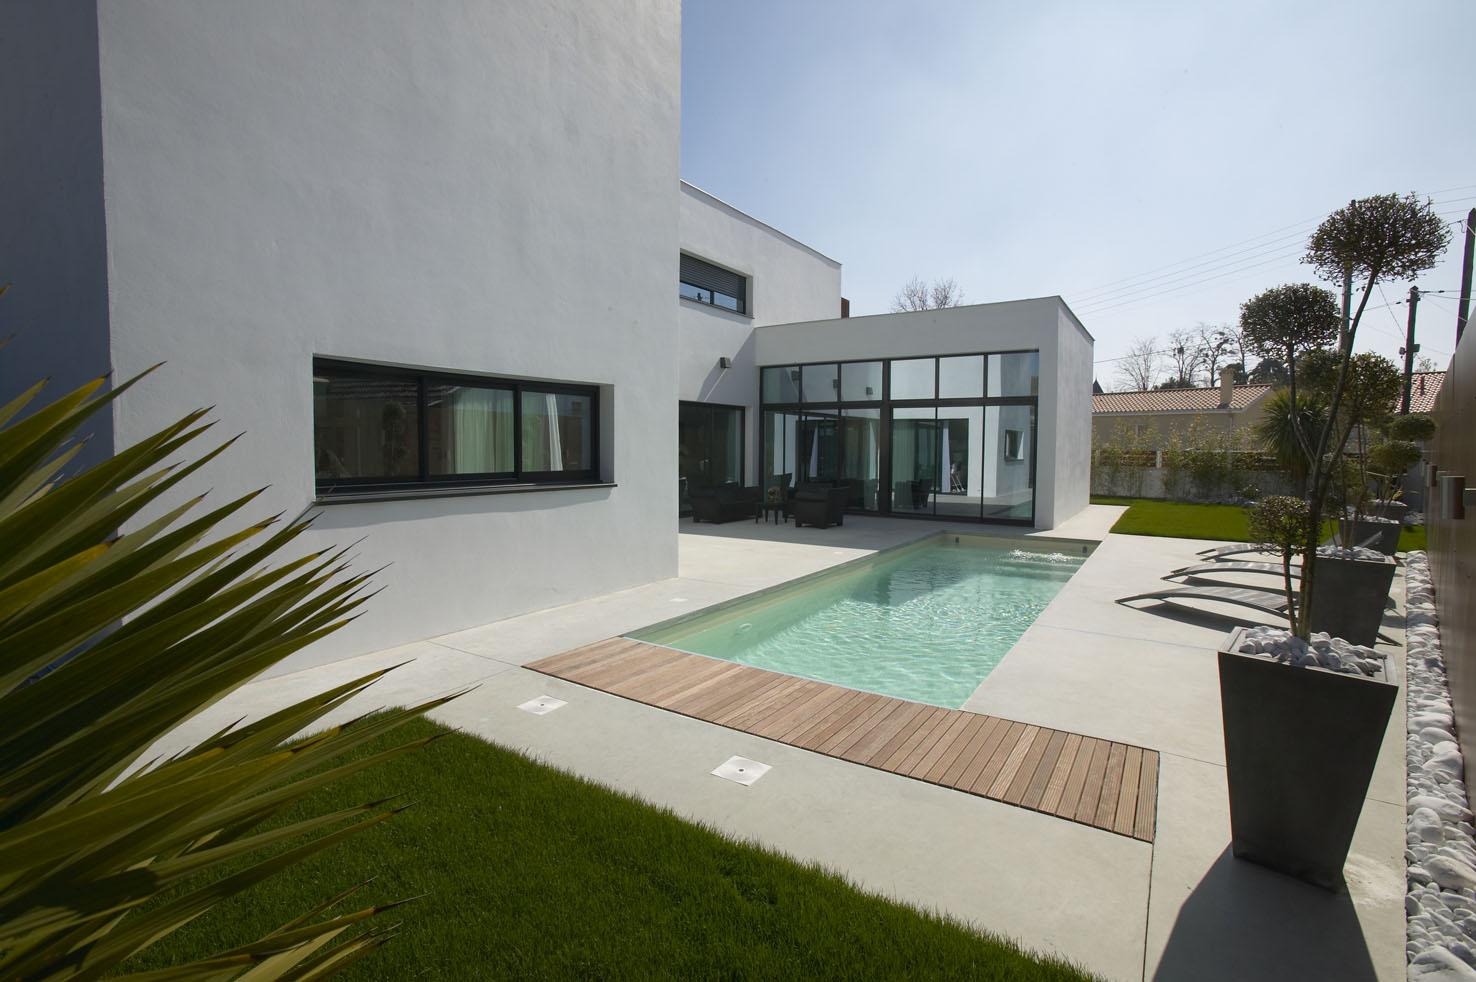 Maison Contemporaine Toit Terrasse toit plat maison maison design contemporain mc immo - idees